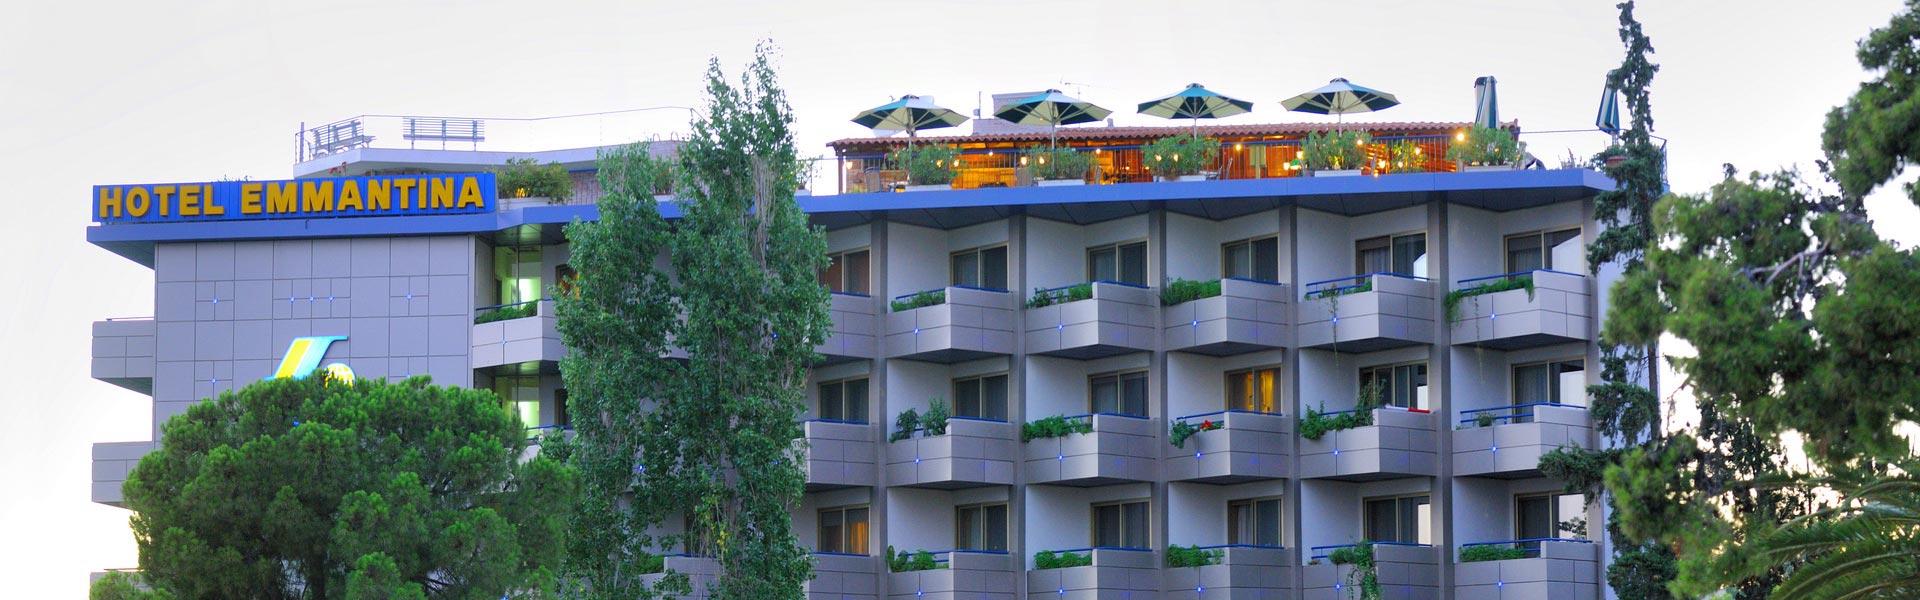 Emmantina Hotel Glyfada